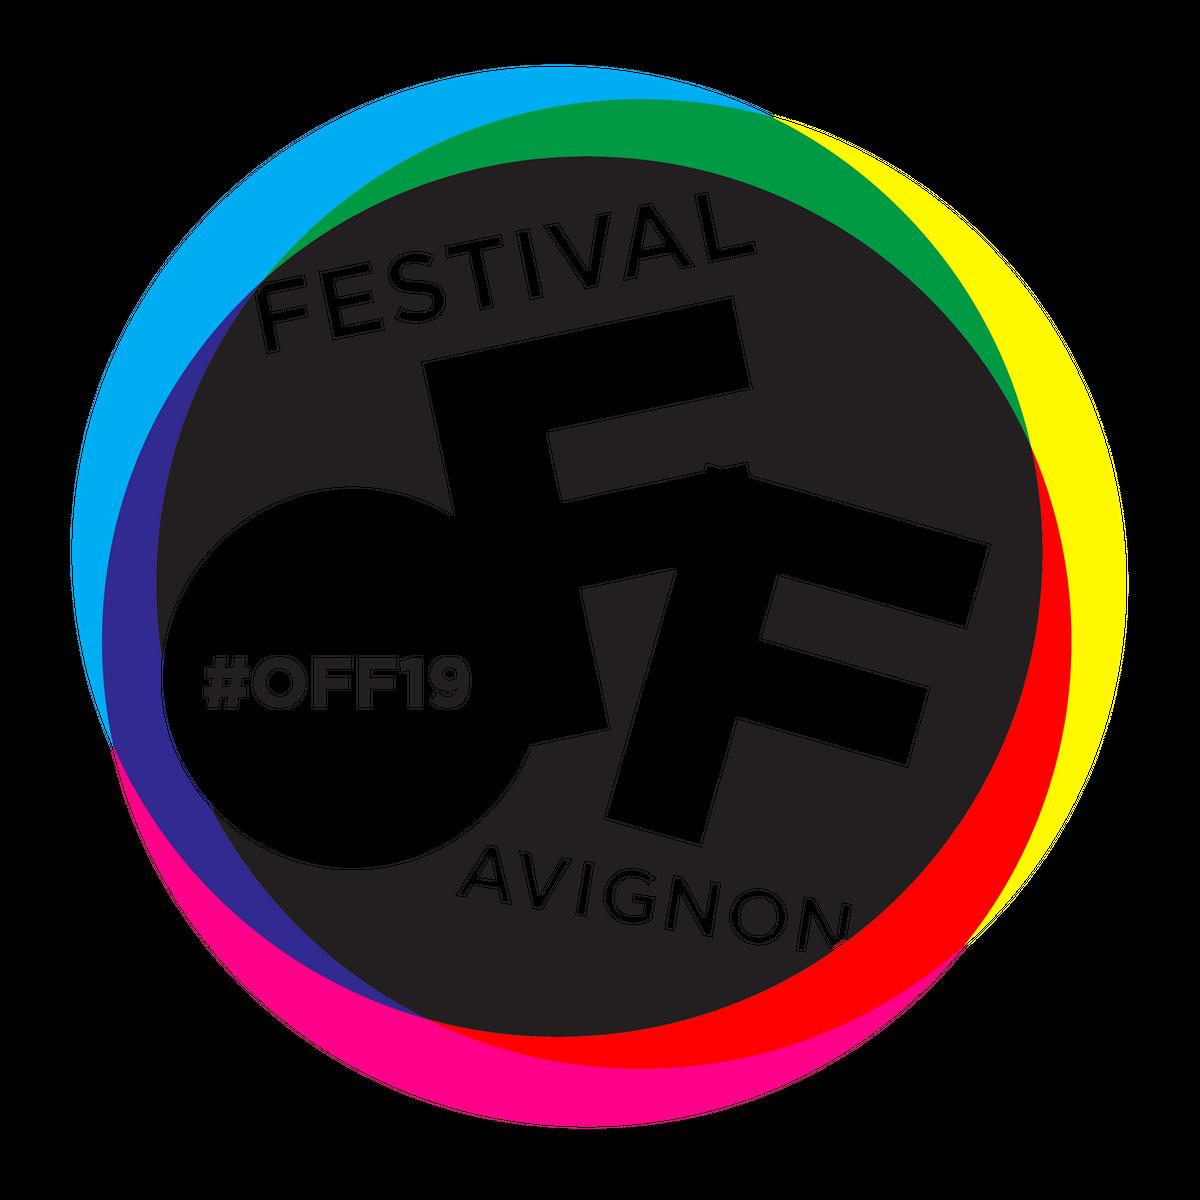 Festival off avignon 2019